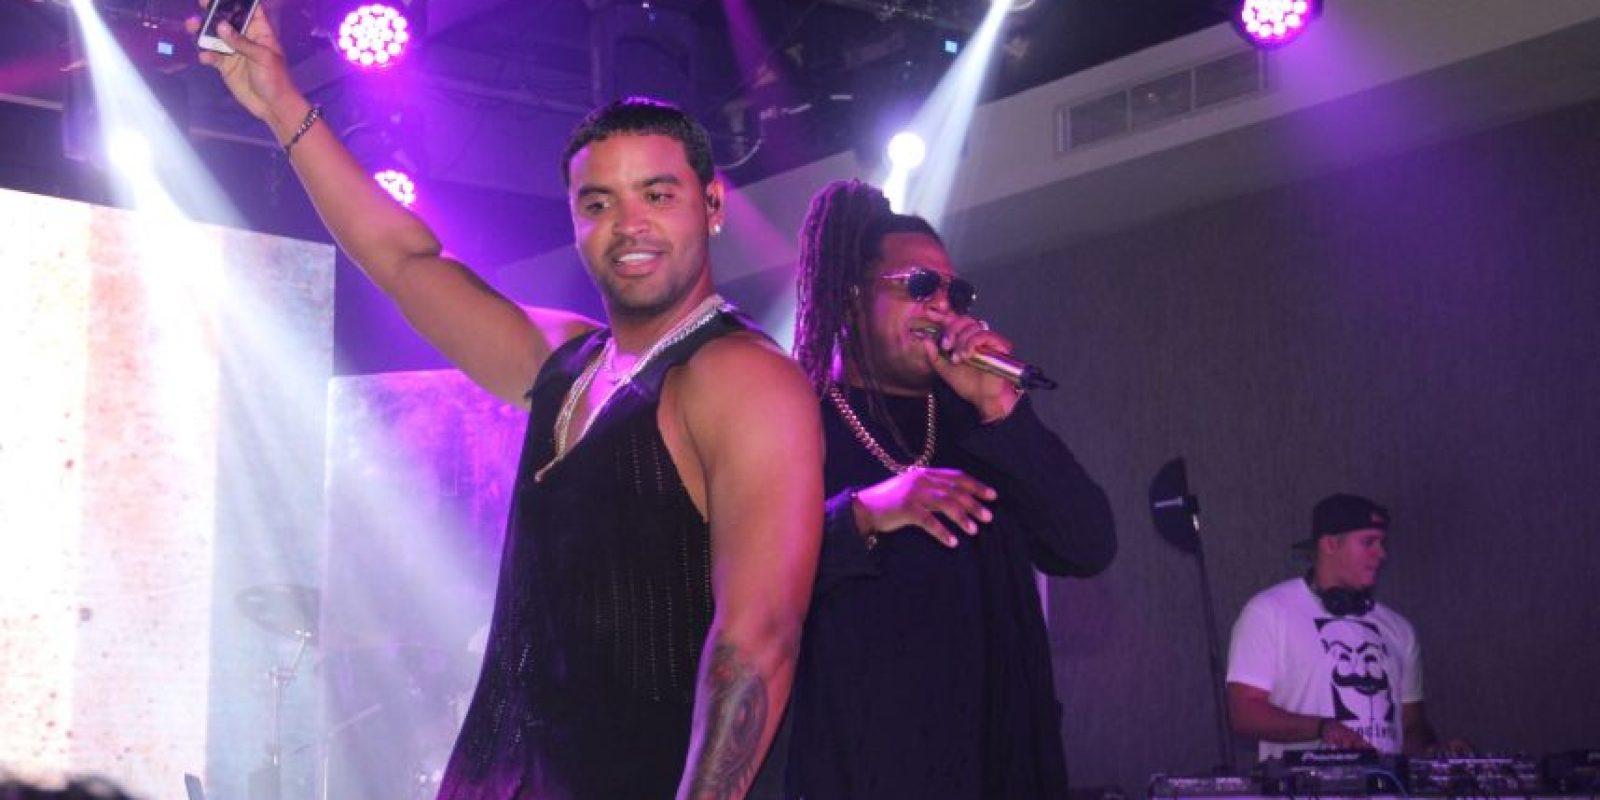 Zion y Lennox durante su presentación en Hard Rock Live Foto:Fuente Externa